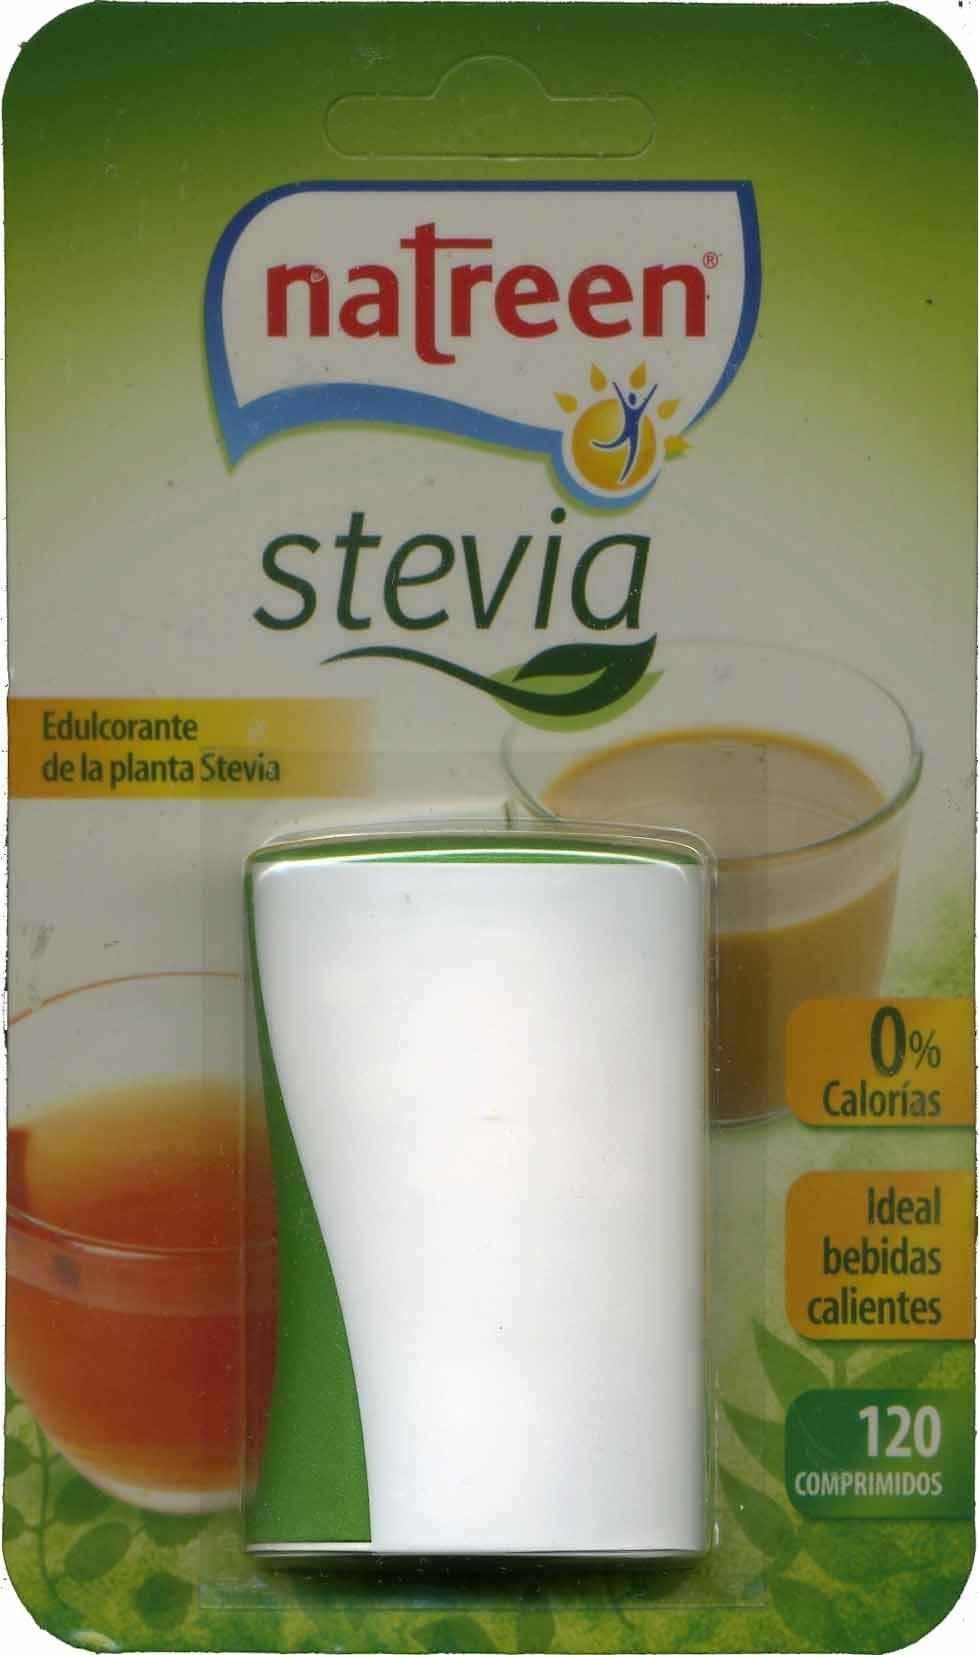 Stevia edulcorante ideal café y té dosificador 120 comprimidos - Producto - es